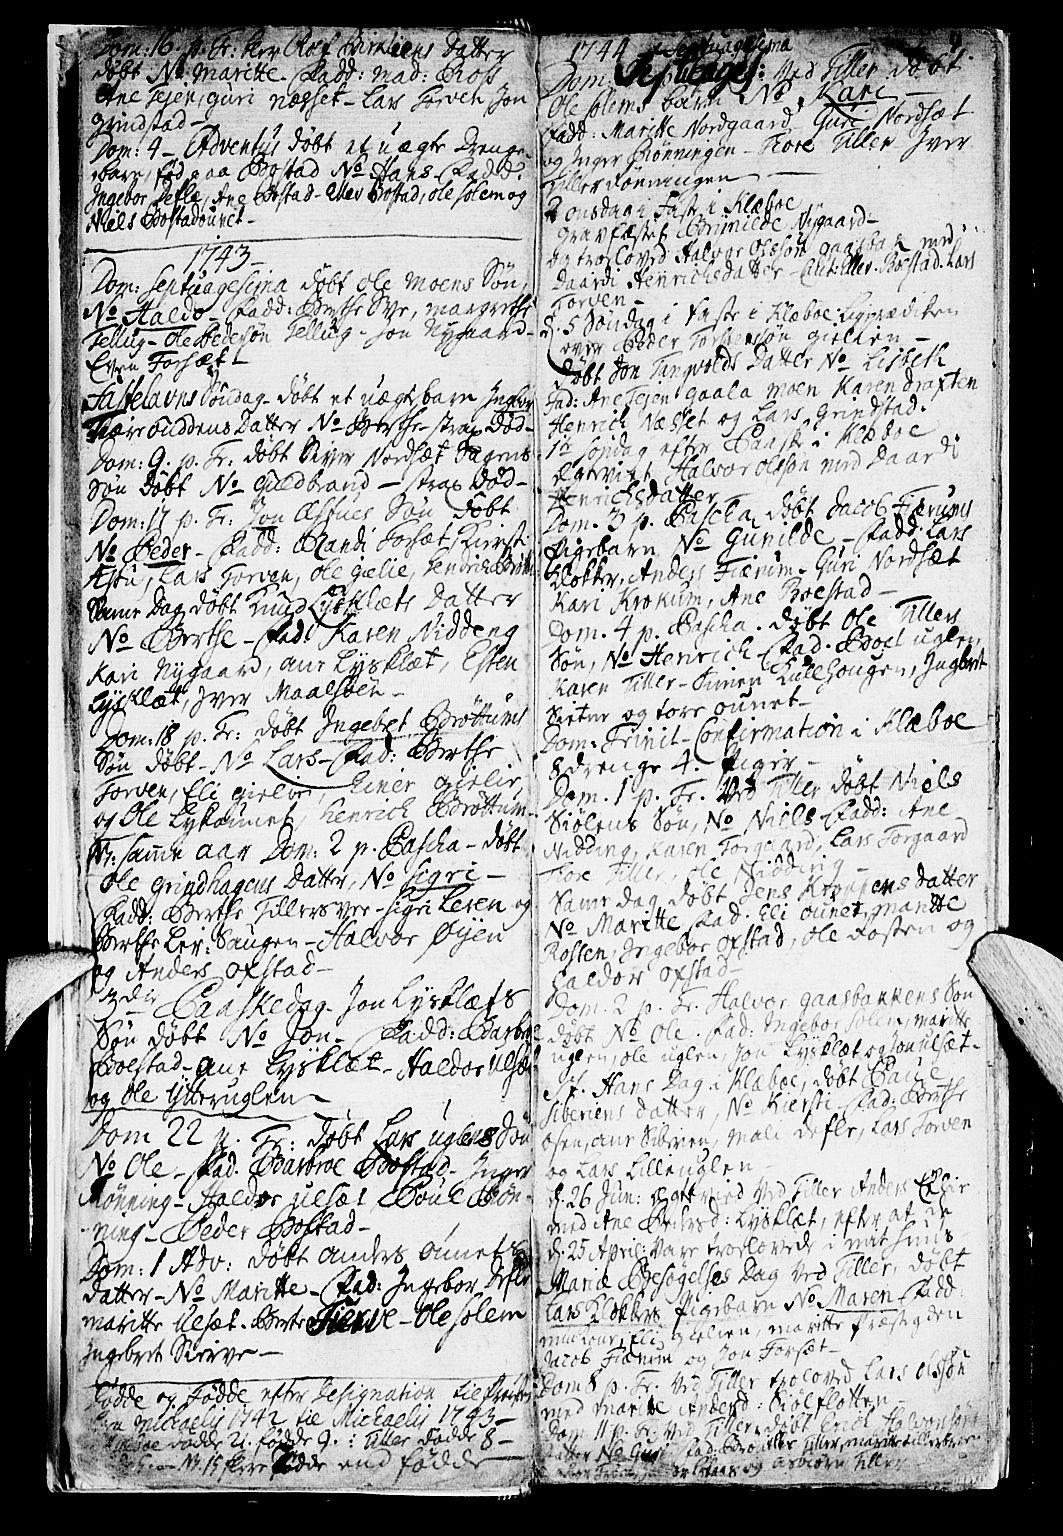 SAT, Ministerialprotokoller, klokkerbøker og fødselsregistre - Sør-Trøndelag, 618/L0436: Ministerialbok nr. 618A01, 1741-1749, s. 4